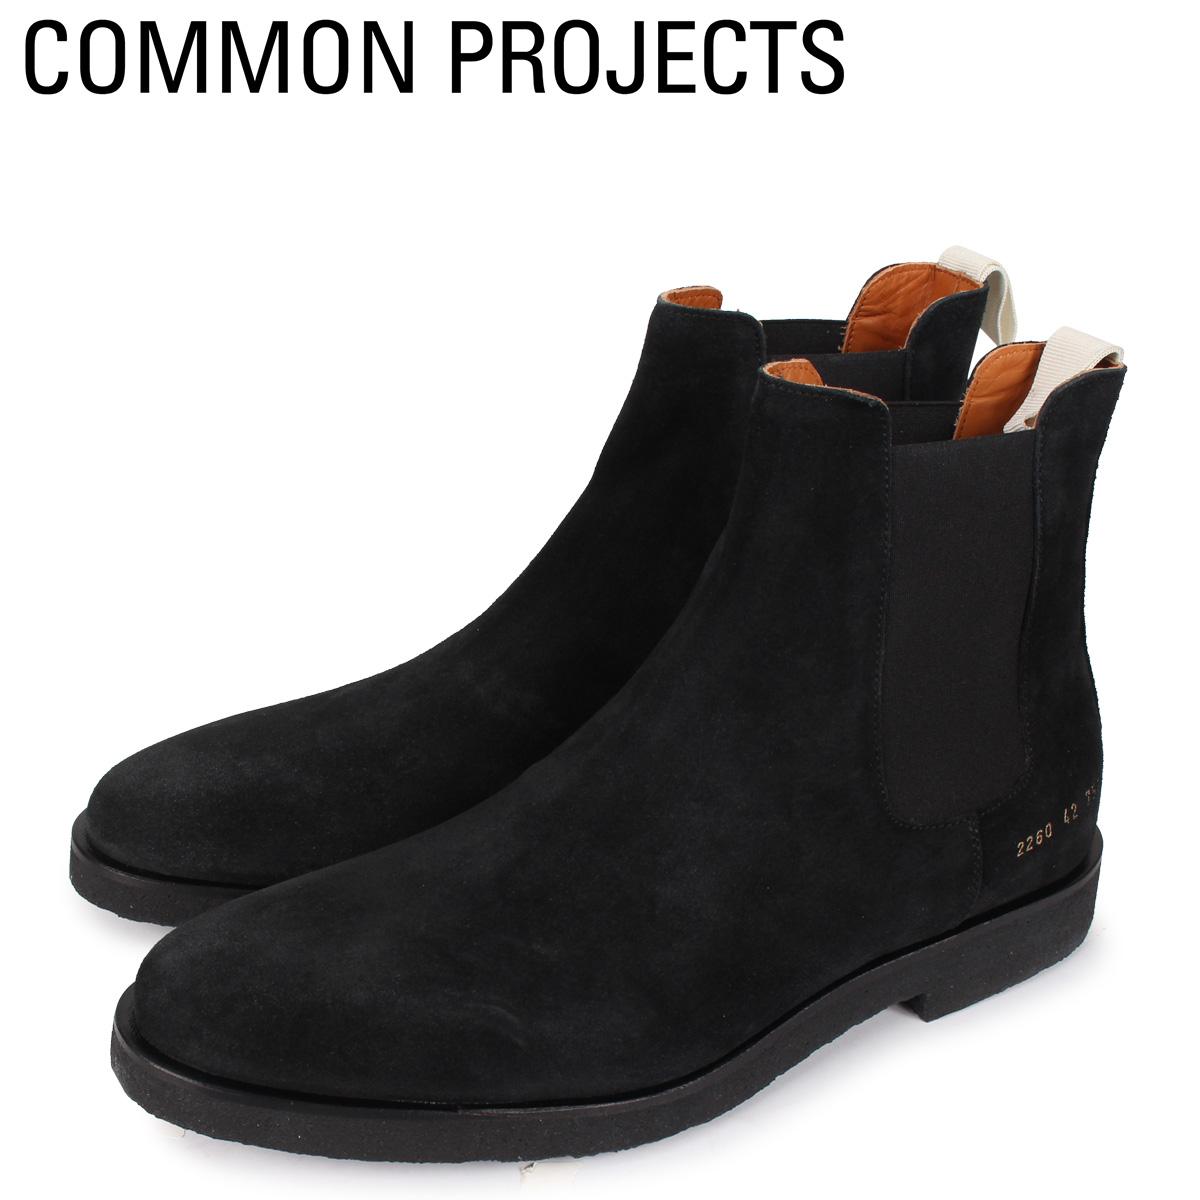 コモンプロジェクト Common Projects チェルシー ブーツ サイドゴアブーツ メンズ CHELSEA BOOT IN SUEDE ブラック 黒 2260-7547 [4/2新入荷]